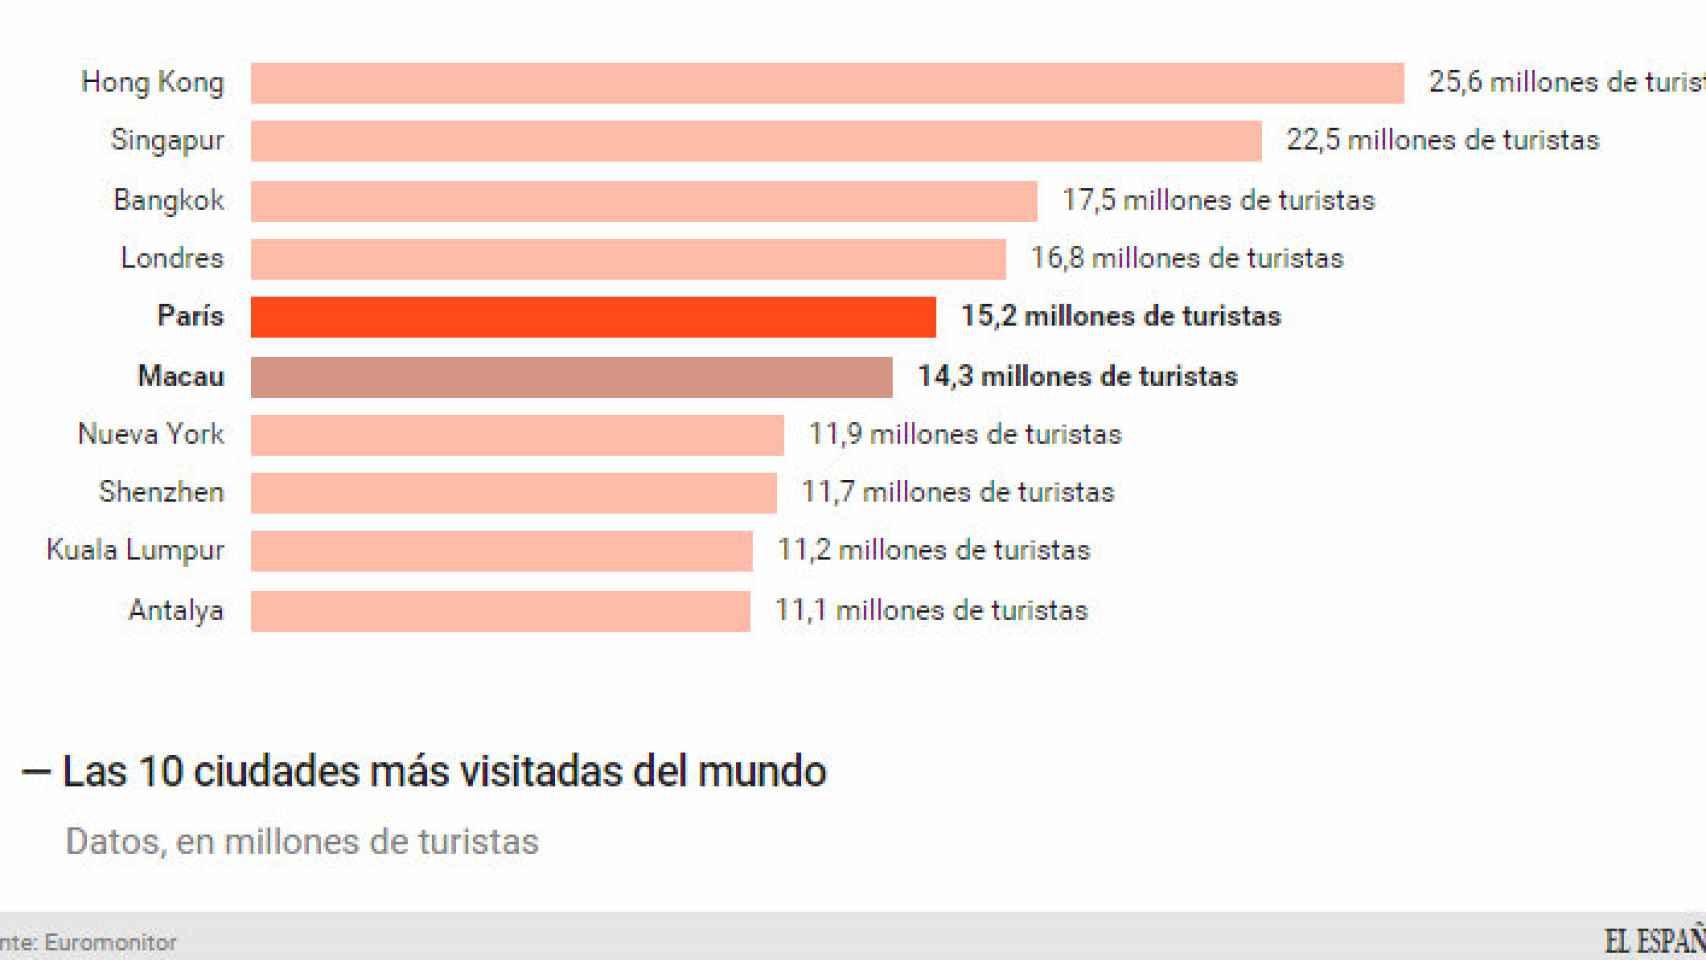 Las ciudades más visitadas del mundo.